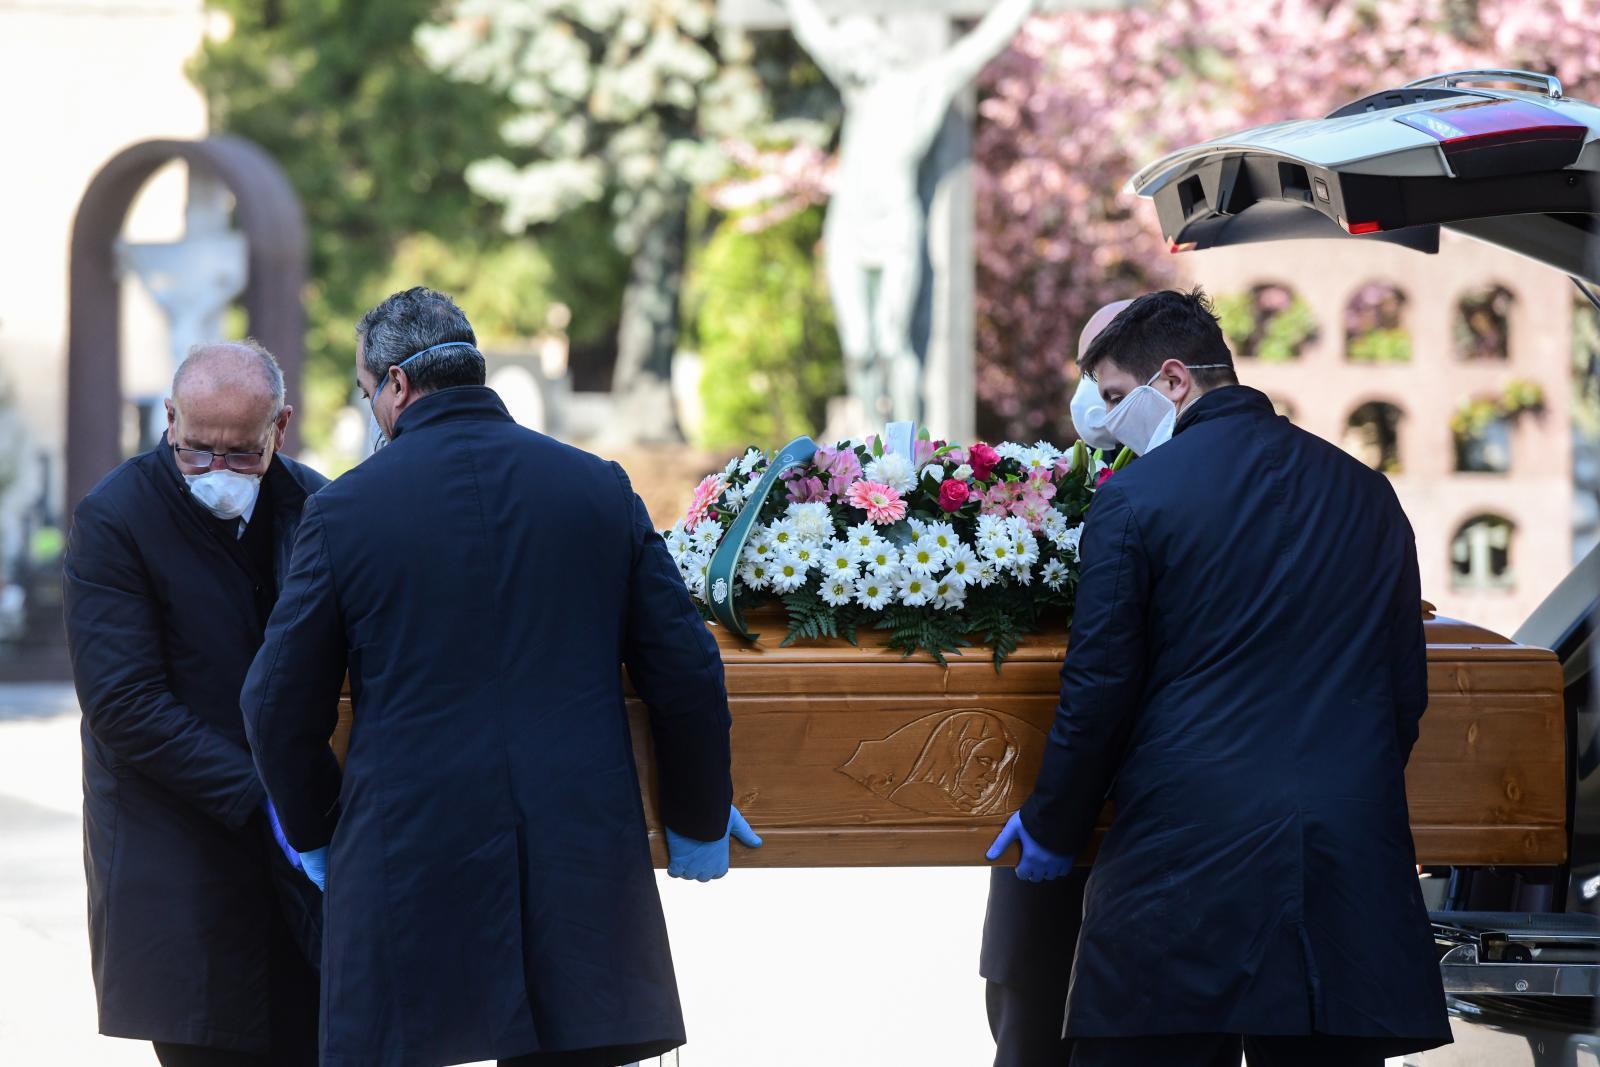 อิตาลีไร้ที่ฝังศพ หลังยอดผู้เสียชีวิตโควิด-19 พุ่ง